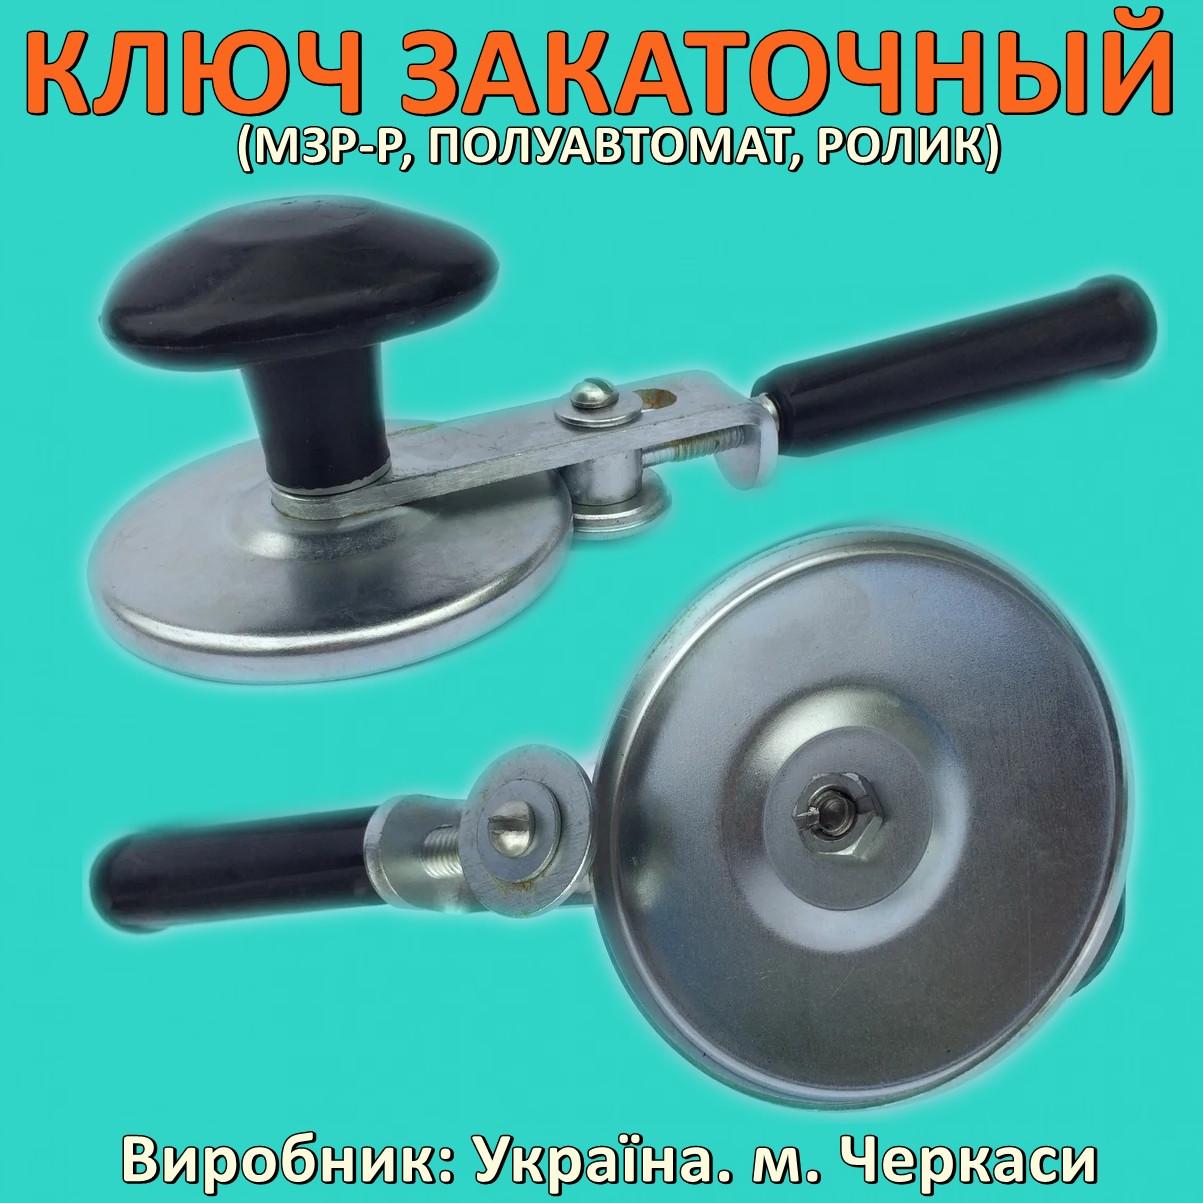 Машинка закаточная ручная МЗР-Р (ролик) . Оригинал - фото 1